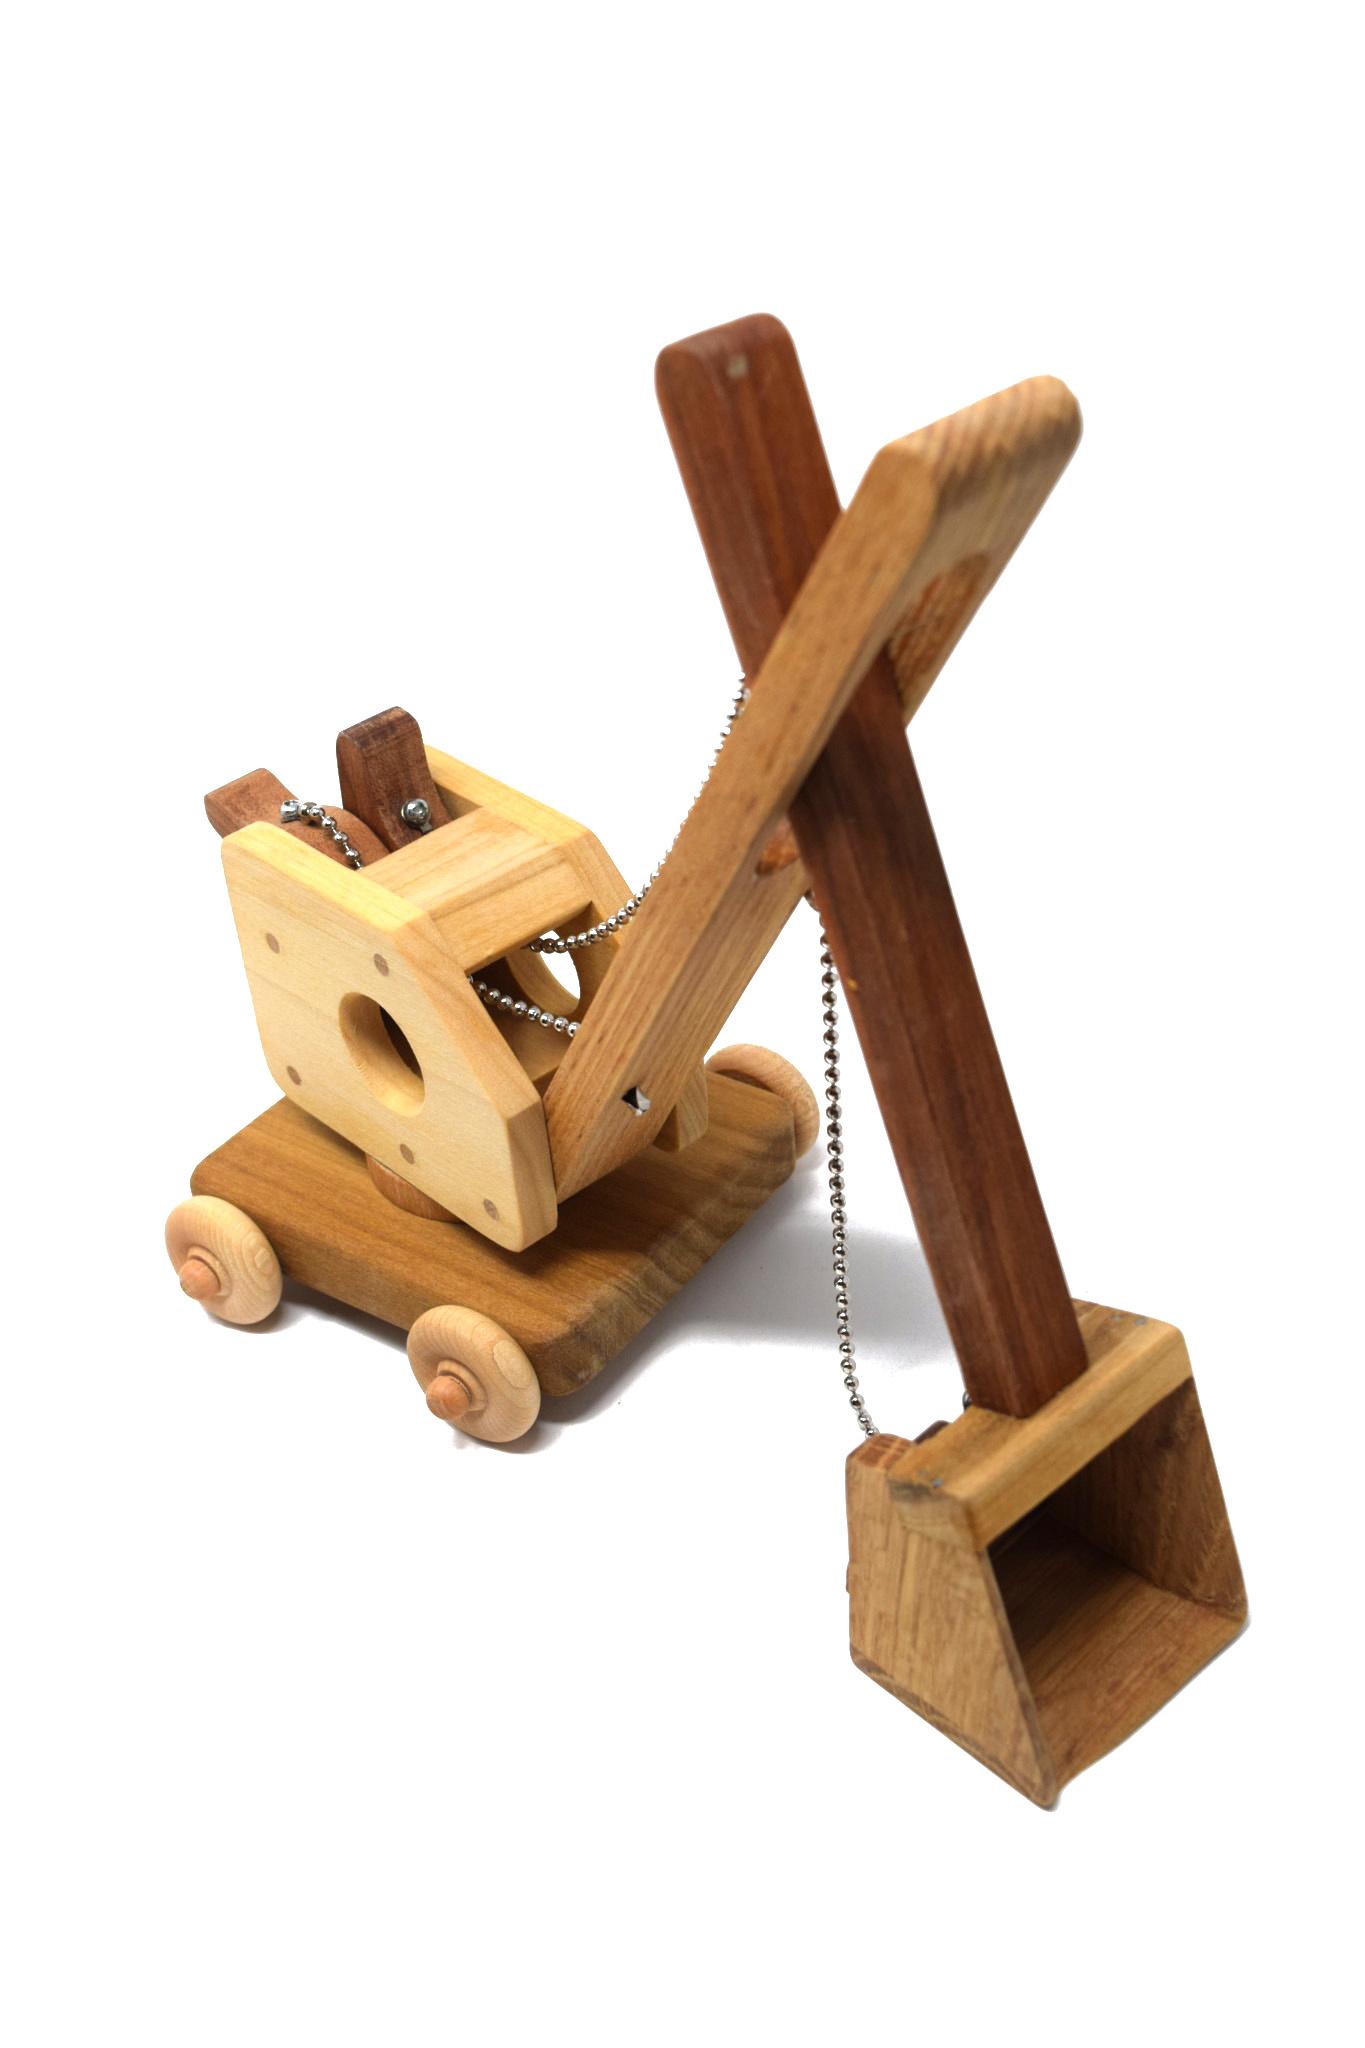 Wooden Steam Shovel Toy-1